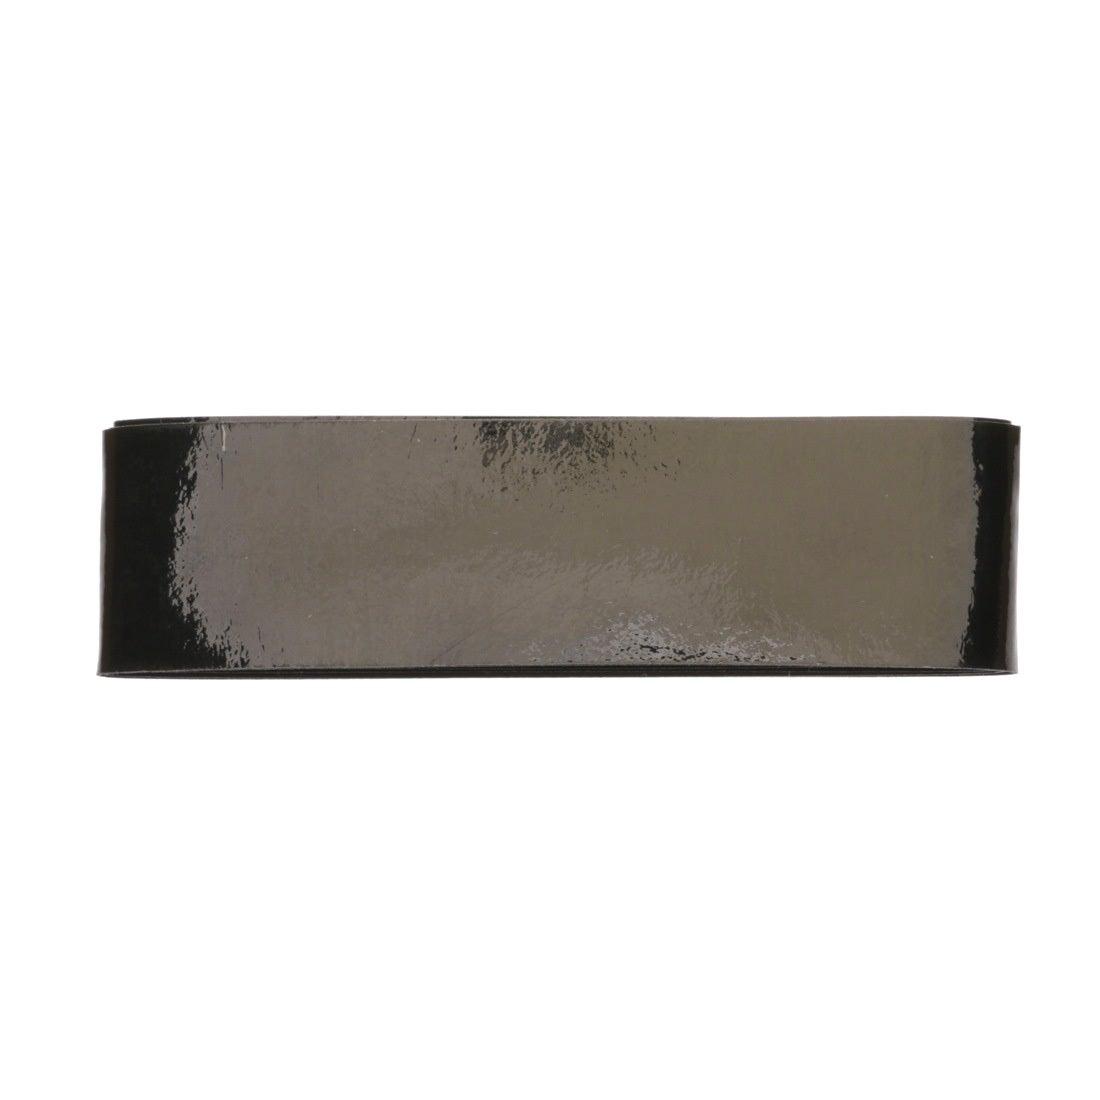 イグニオ IGNIO テニス グリップテープ 2041028807